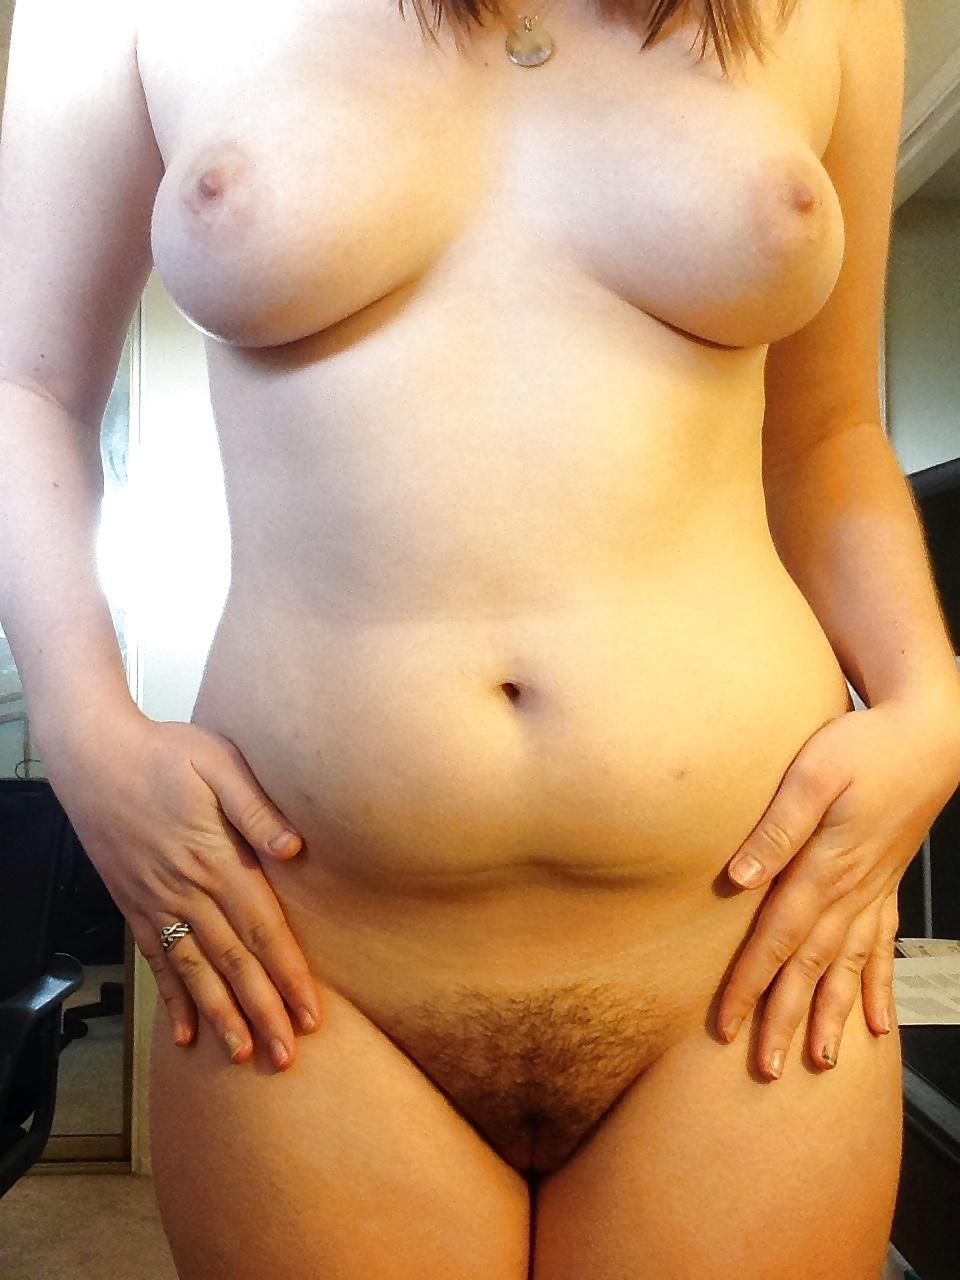 Фото пухленьких голых девушек тело без головы